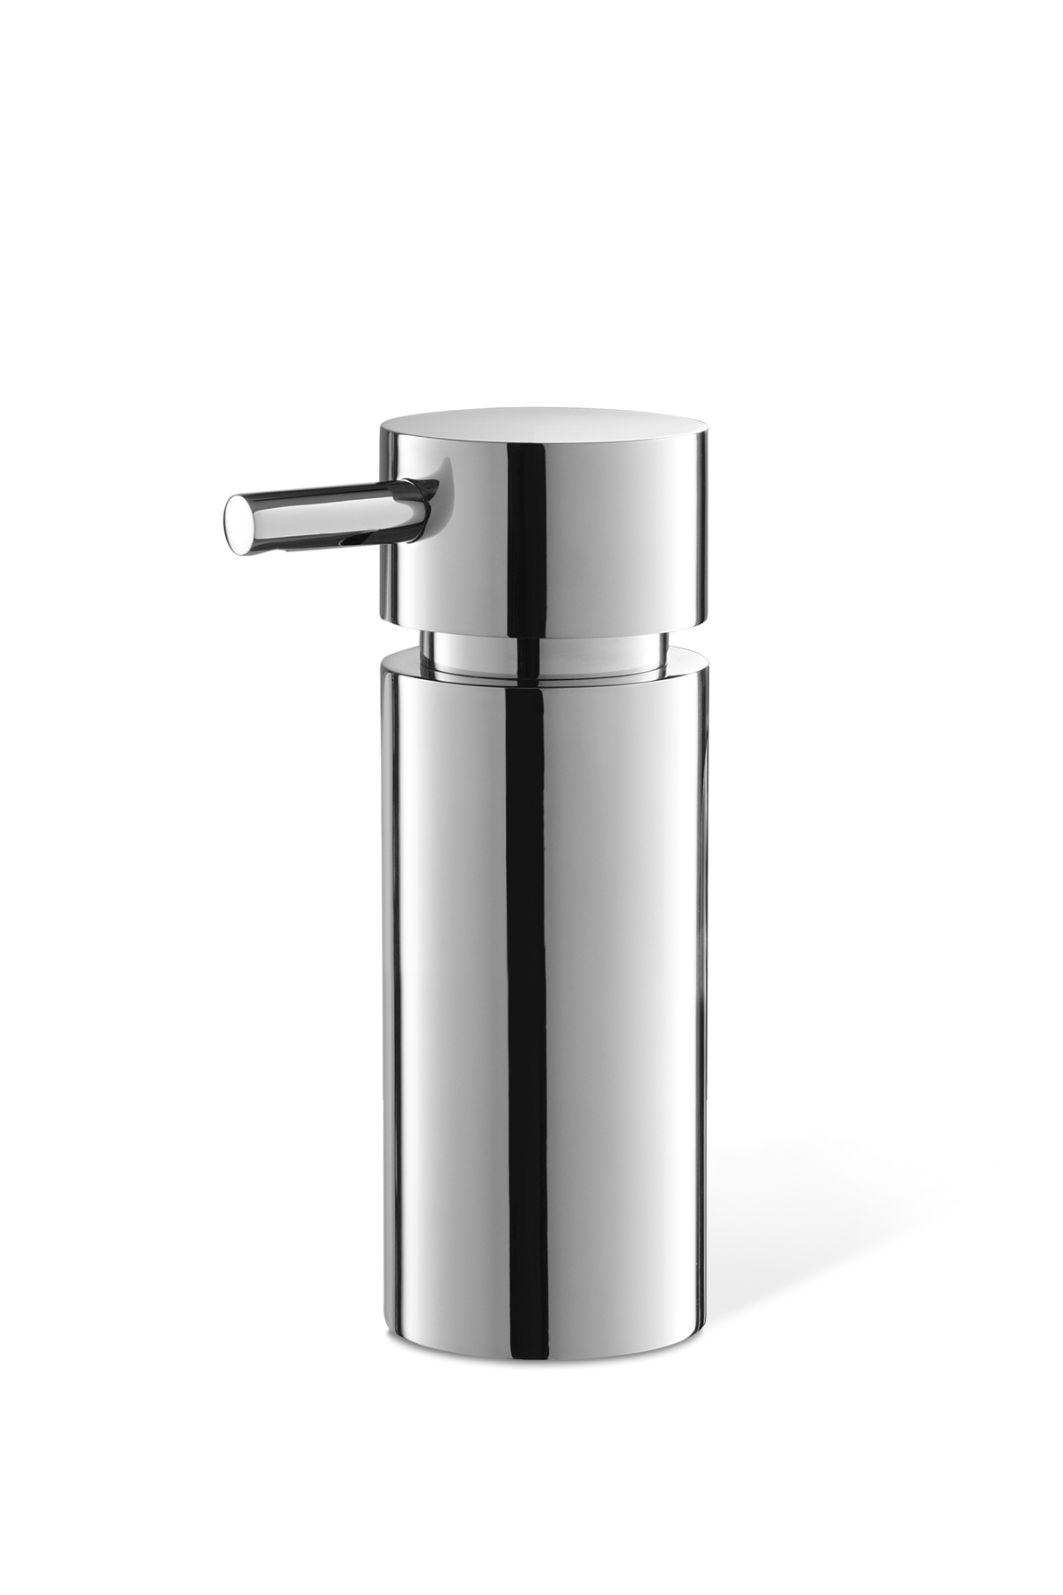 Dávkovač na mýdlo TICO 130ml, volně stojící - ZACK